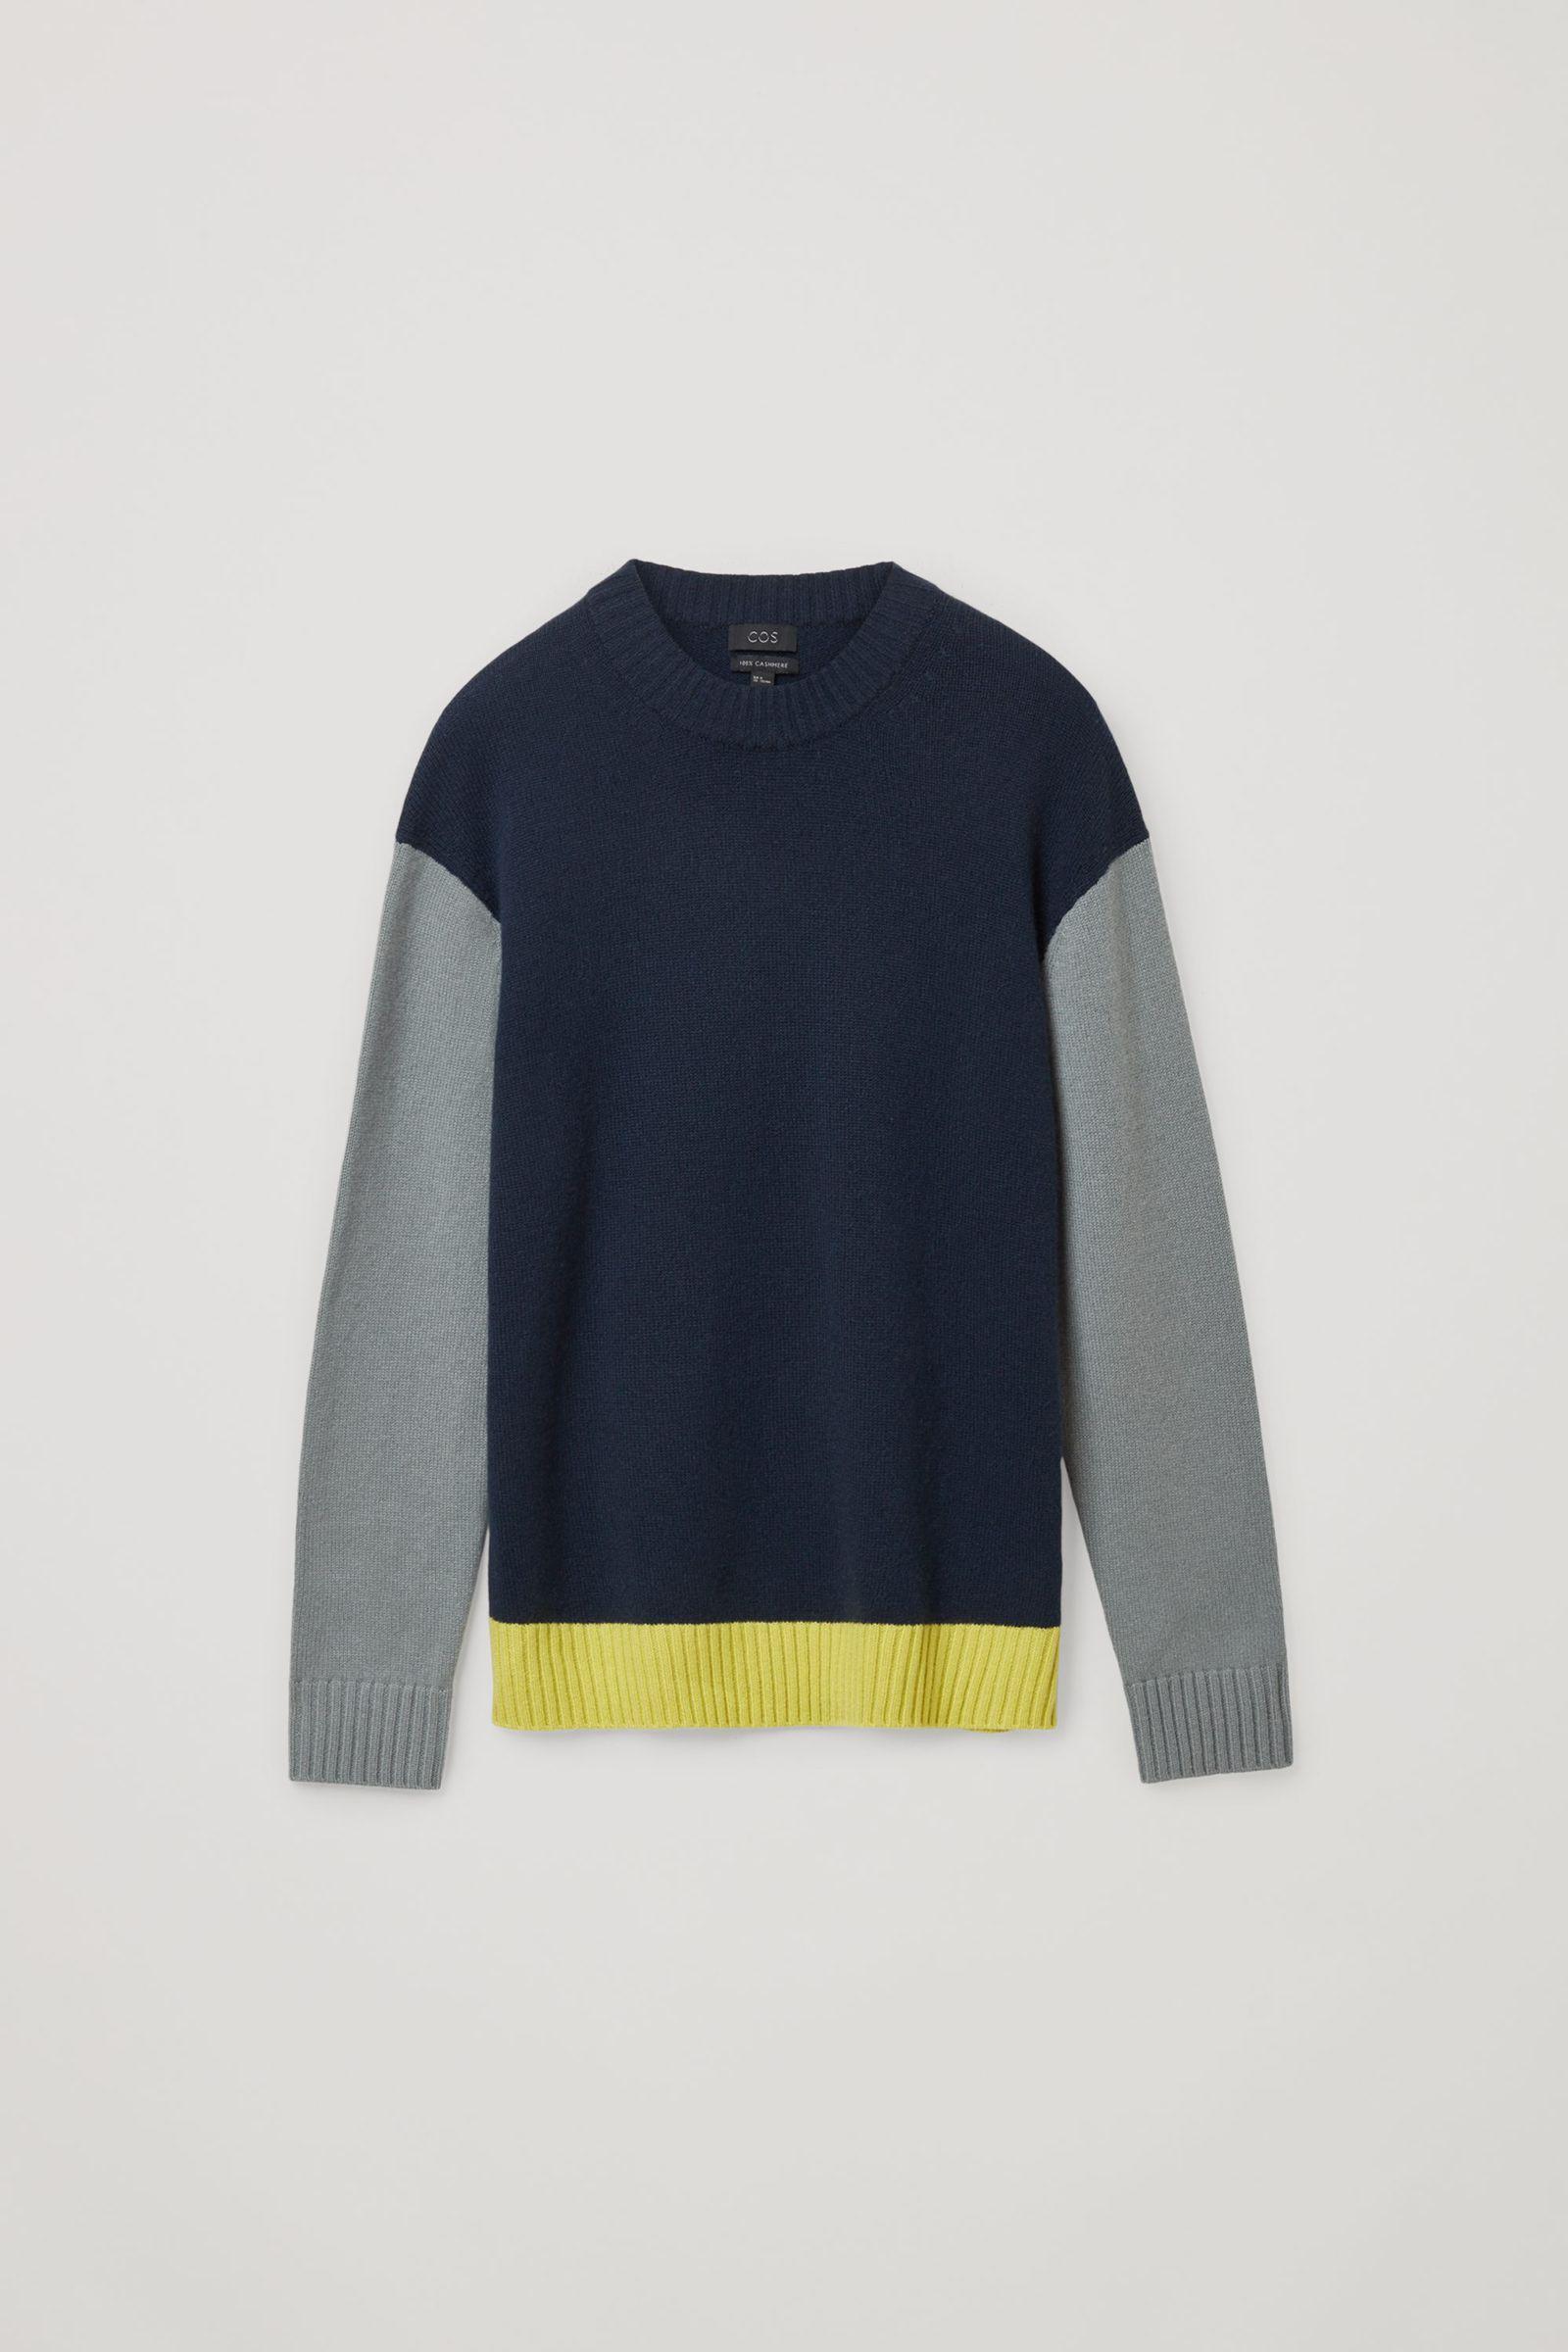 COS 캐시미어 컨트래스트 패널 스웨터의 네이비 / 그레이 / 옐로우컬러 Product입니다.